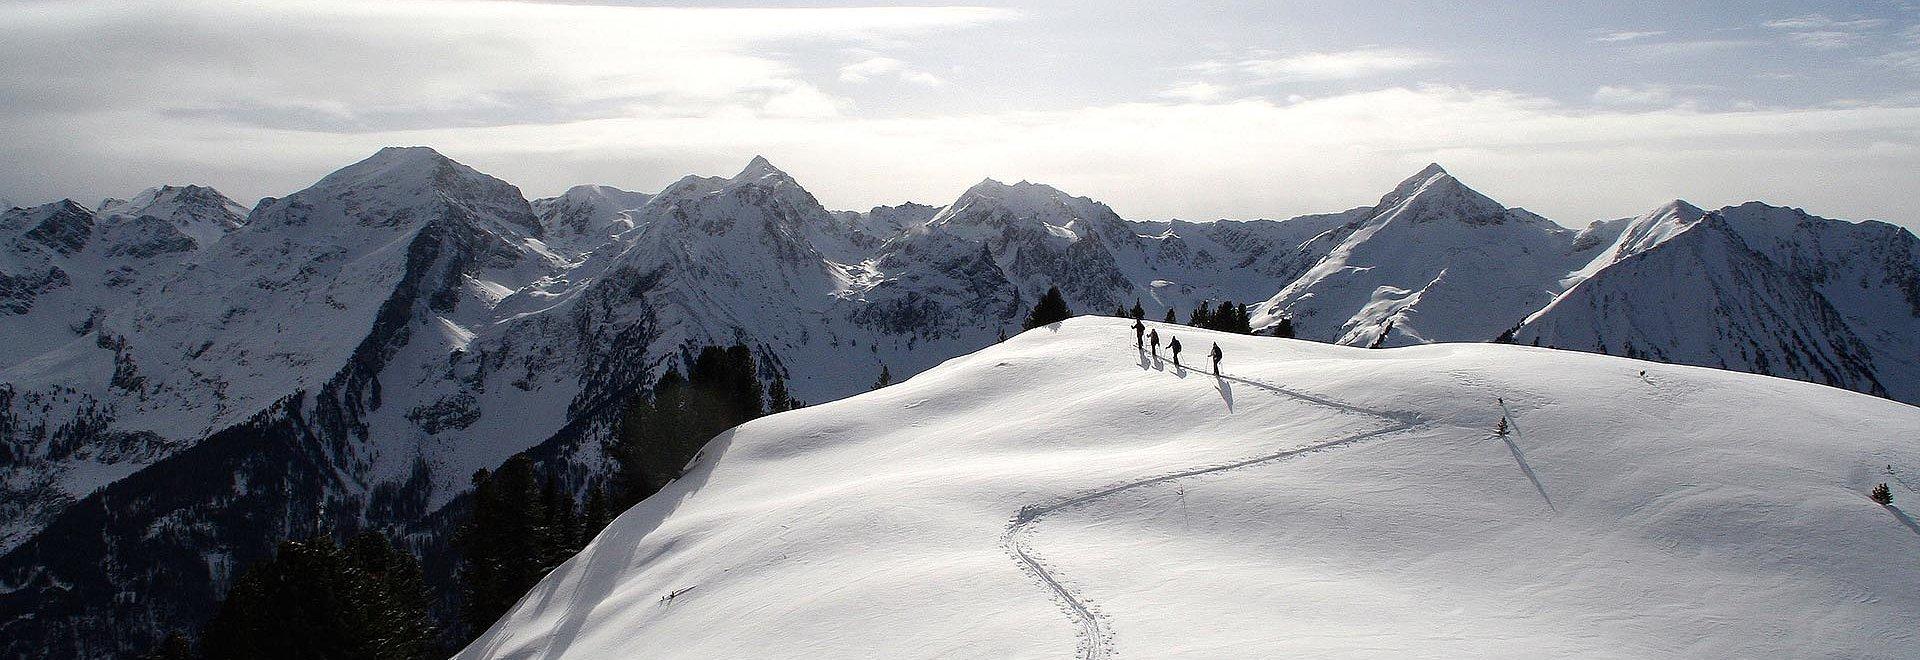 Skitour Hochzeiger Pitztal